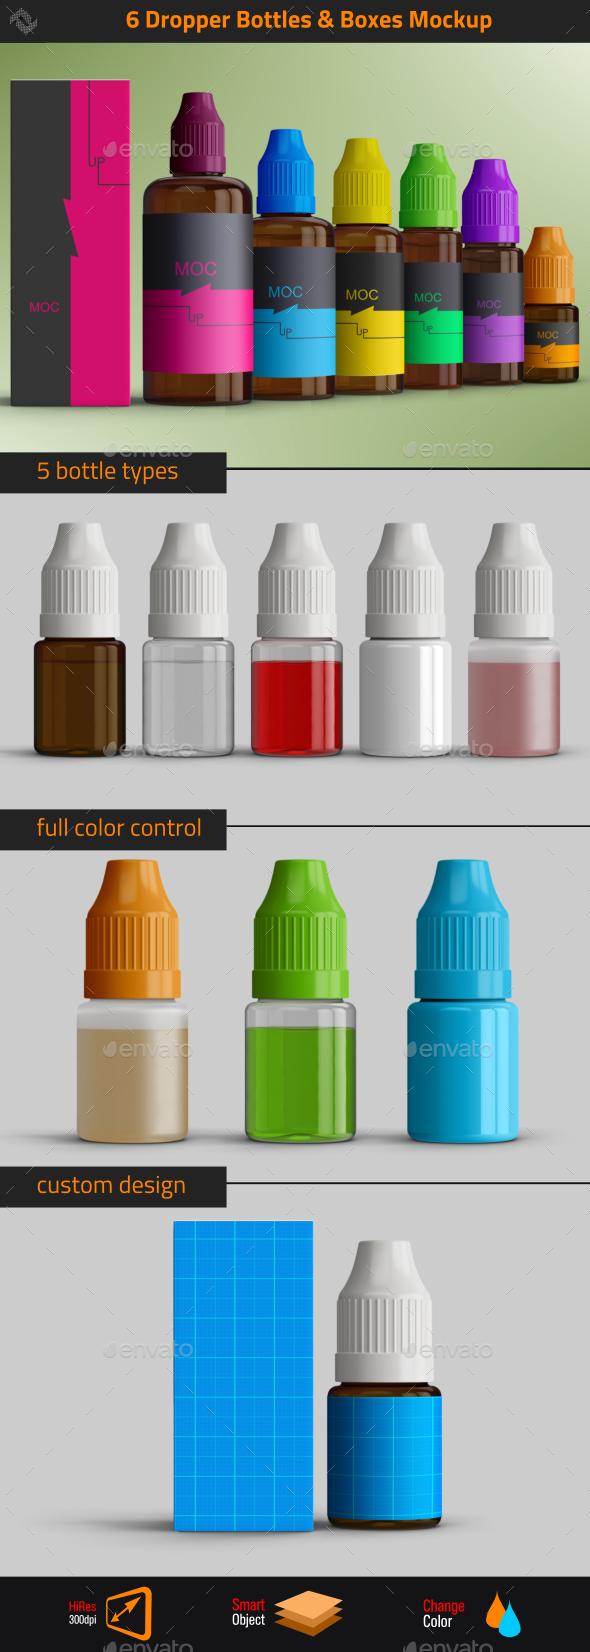 6 Dropper Bottles Mockup